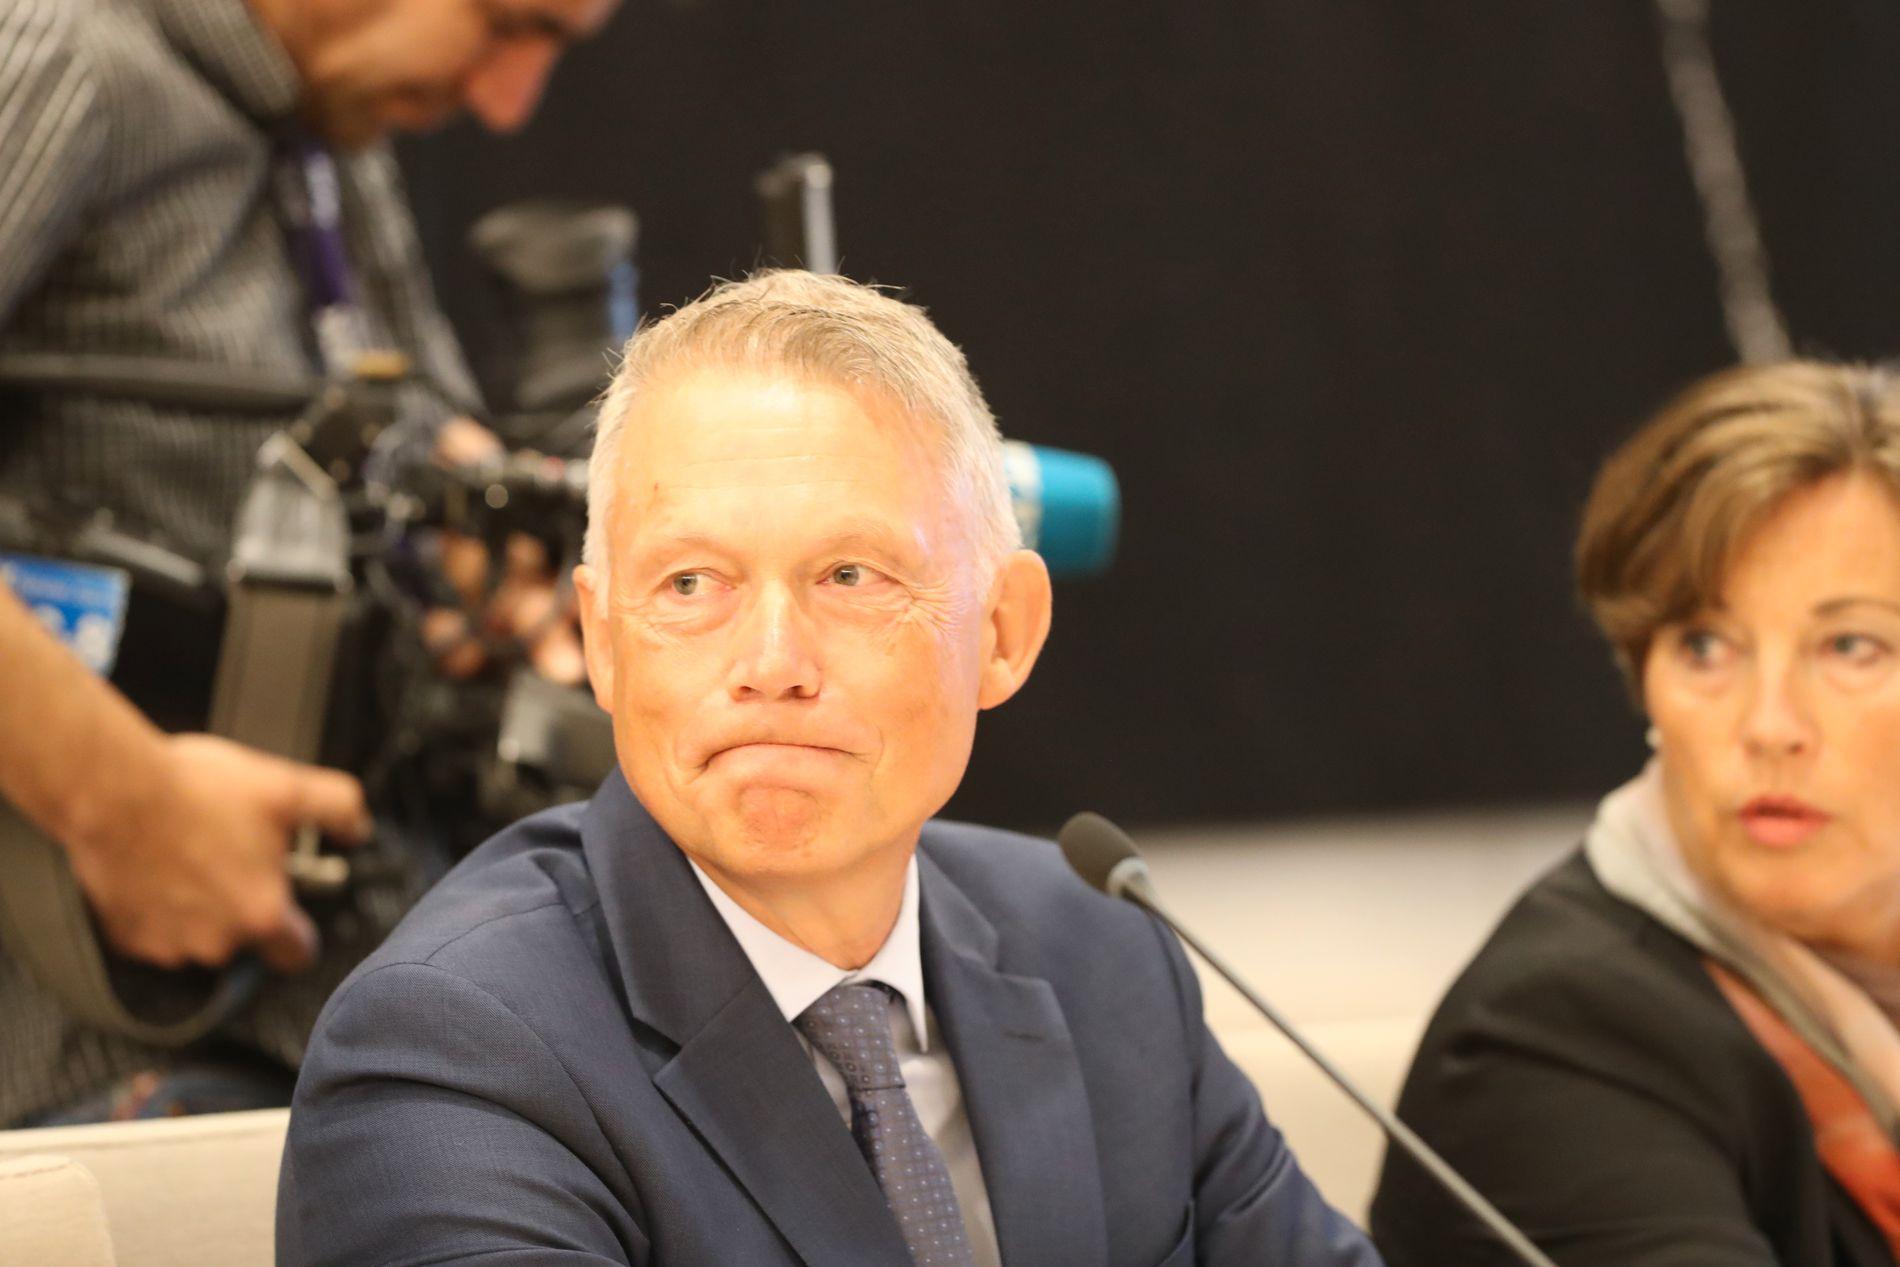 IKKE BRA NOK: NSM-direktør Kjetil Nilsen i Stortingets høring mandag morgen, sammen med assisterende direktør Annette Tjaberg.